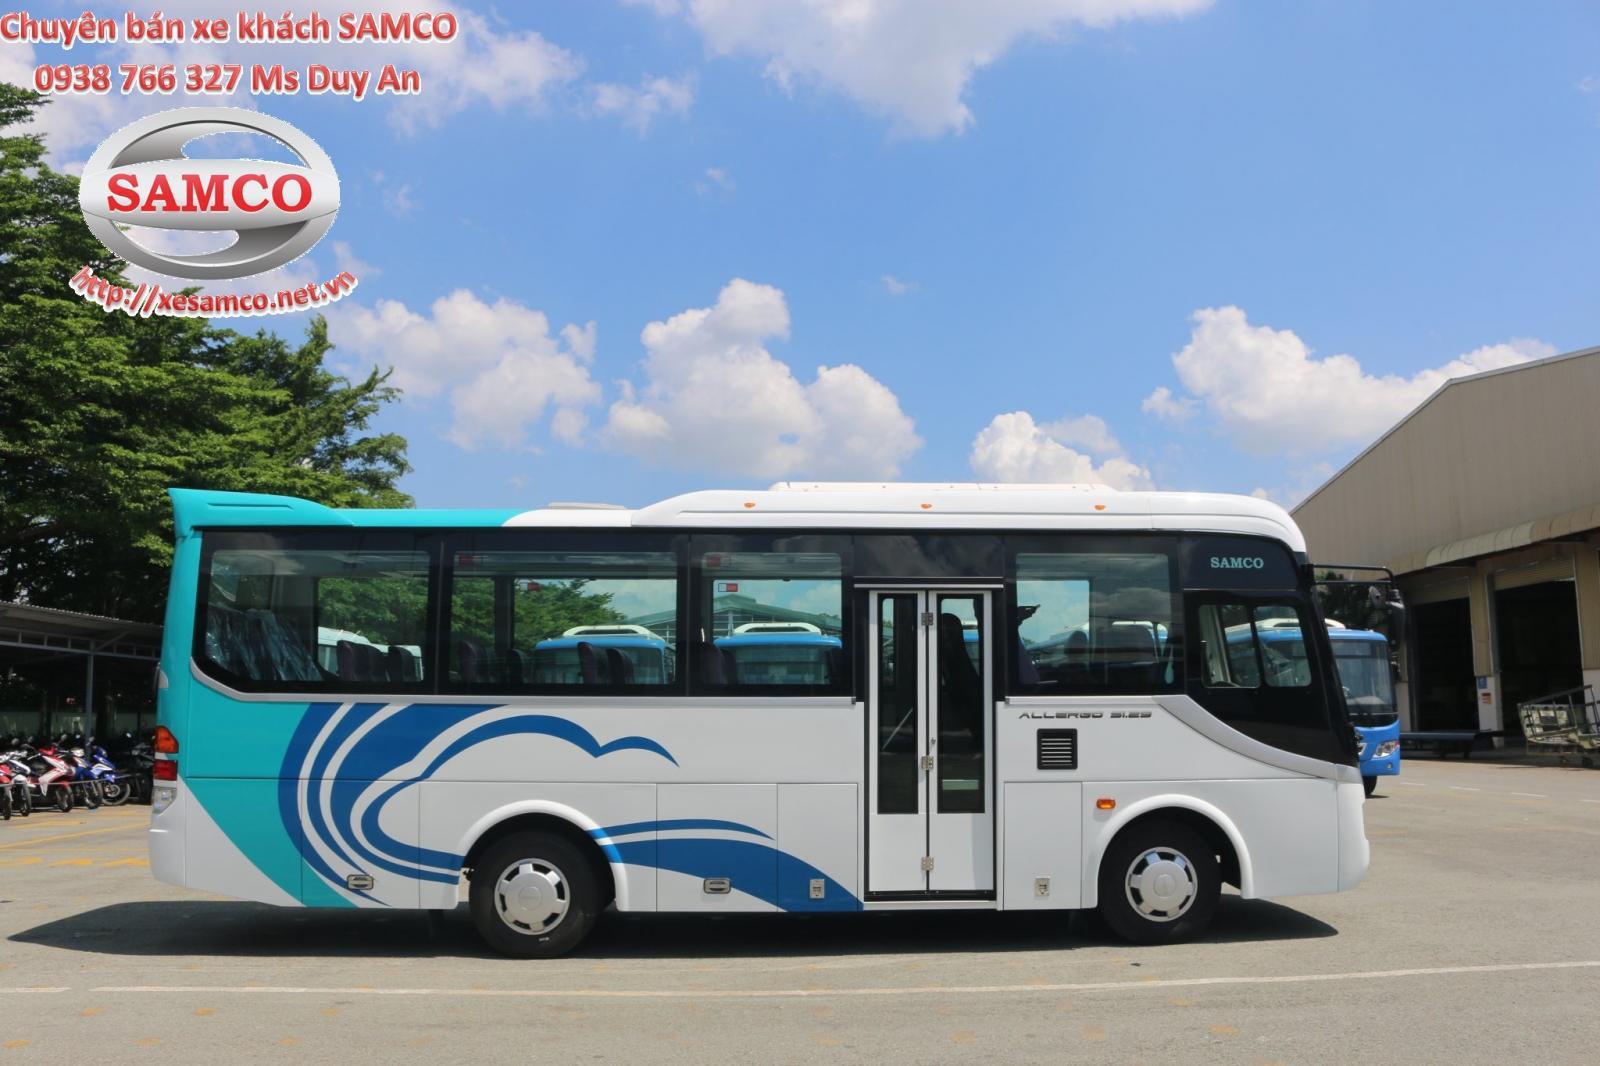 Bán xe khách Samco Allergo 29 chỗ ngồi, động cơ isuzu 3.0cc